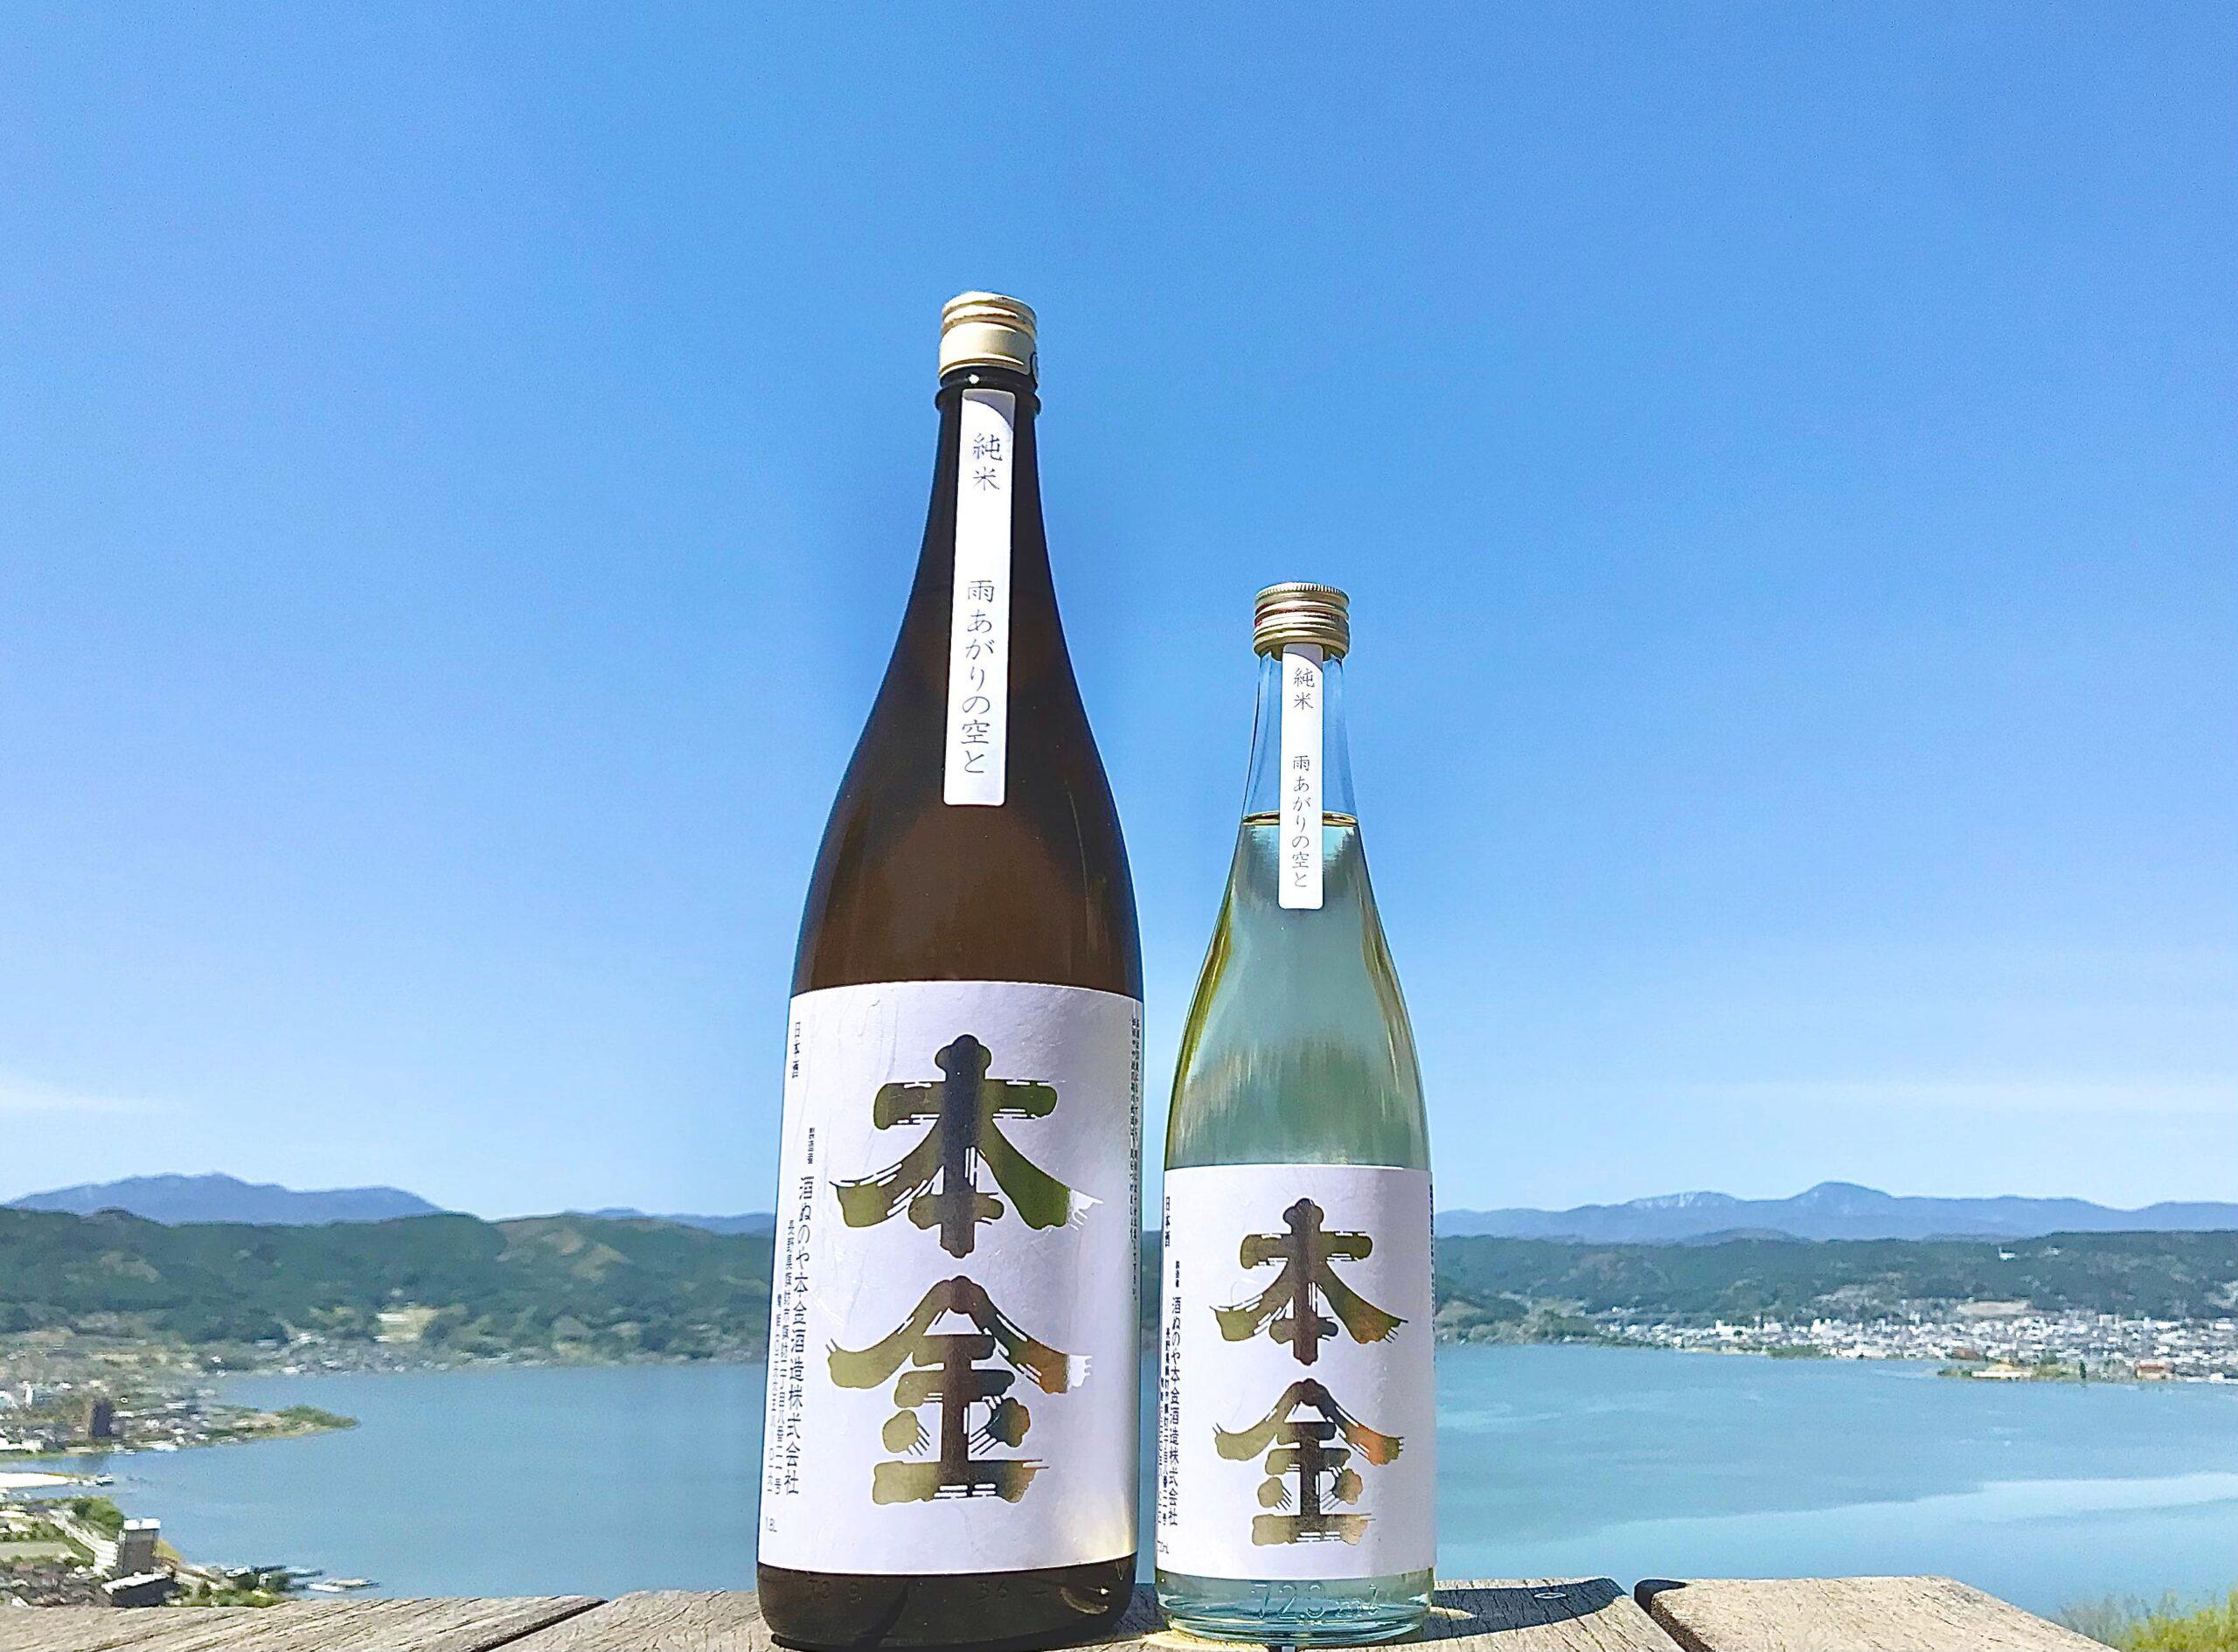 レモンの様なさわやかさでスッキリ飲める日本酒「雨あがりの空と」発売青空の下で夏の始まりを楽しむ、爽快な気分をイメージしてつくられた限定酒